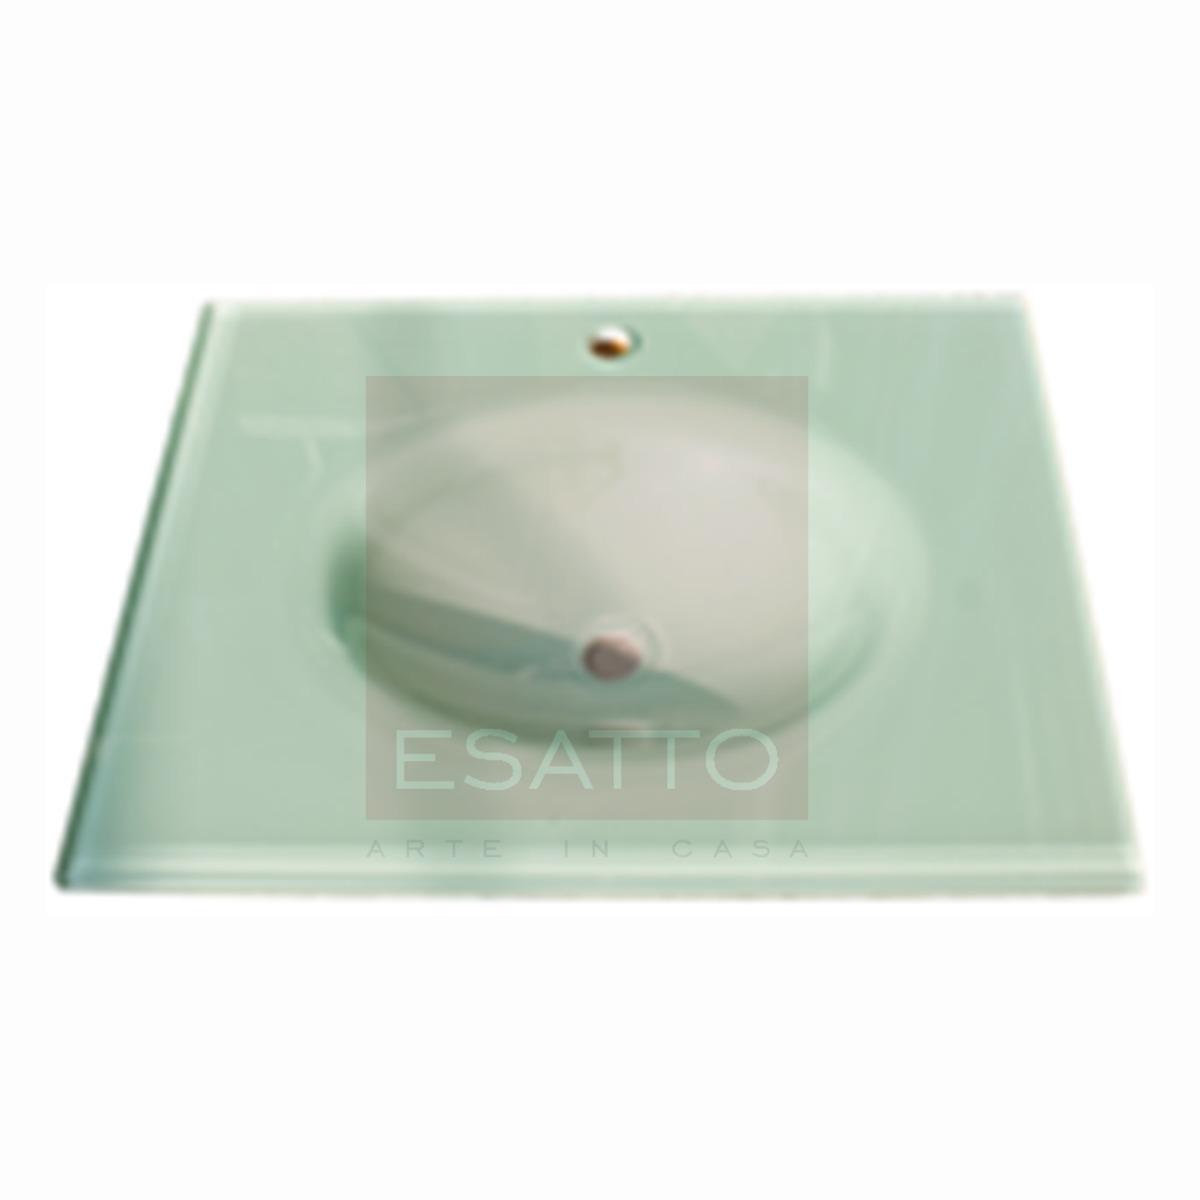 Esatto lavabo de vidrio blanco importado fino ov 003 for Lavabo vidrio